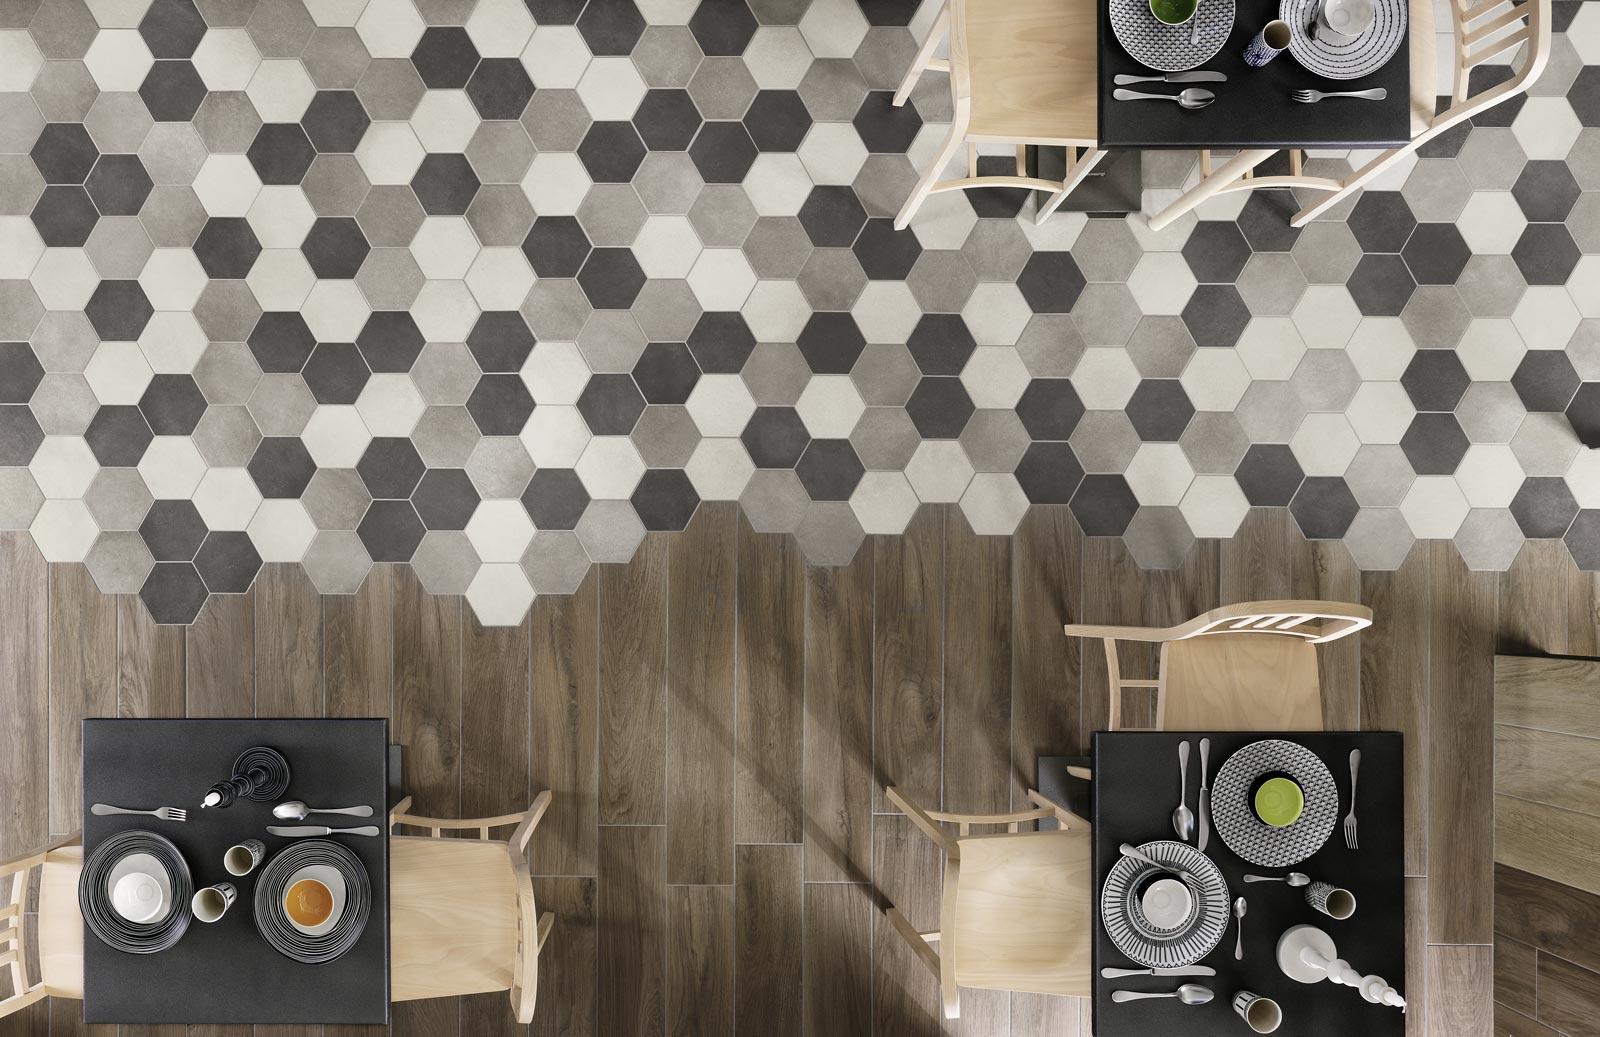 Gres Porcellanato Prezzi Bassi pavimenti gres porcellanato piastrelle esagonali prezzo più